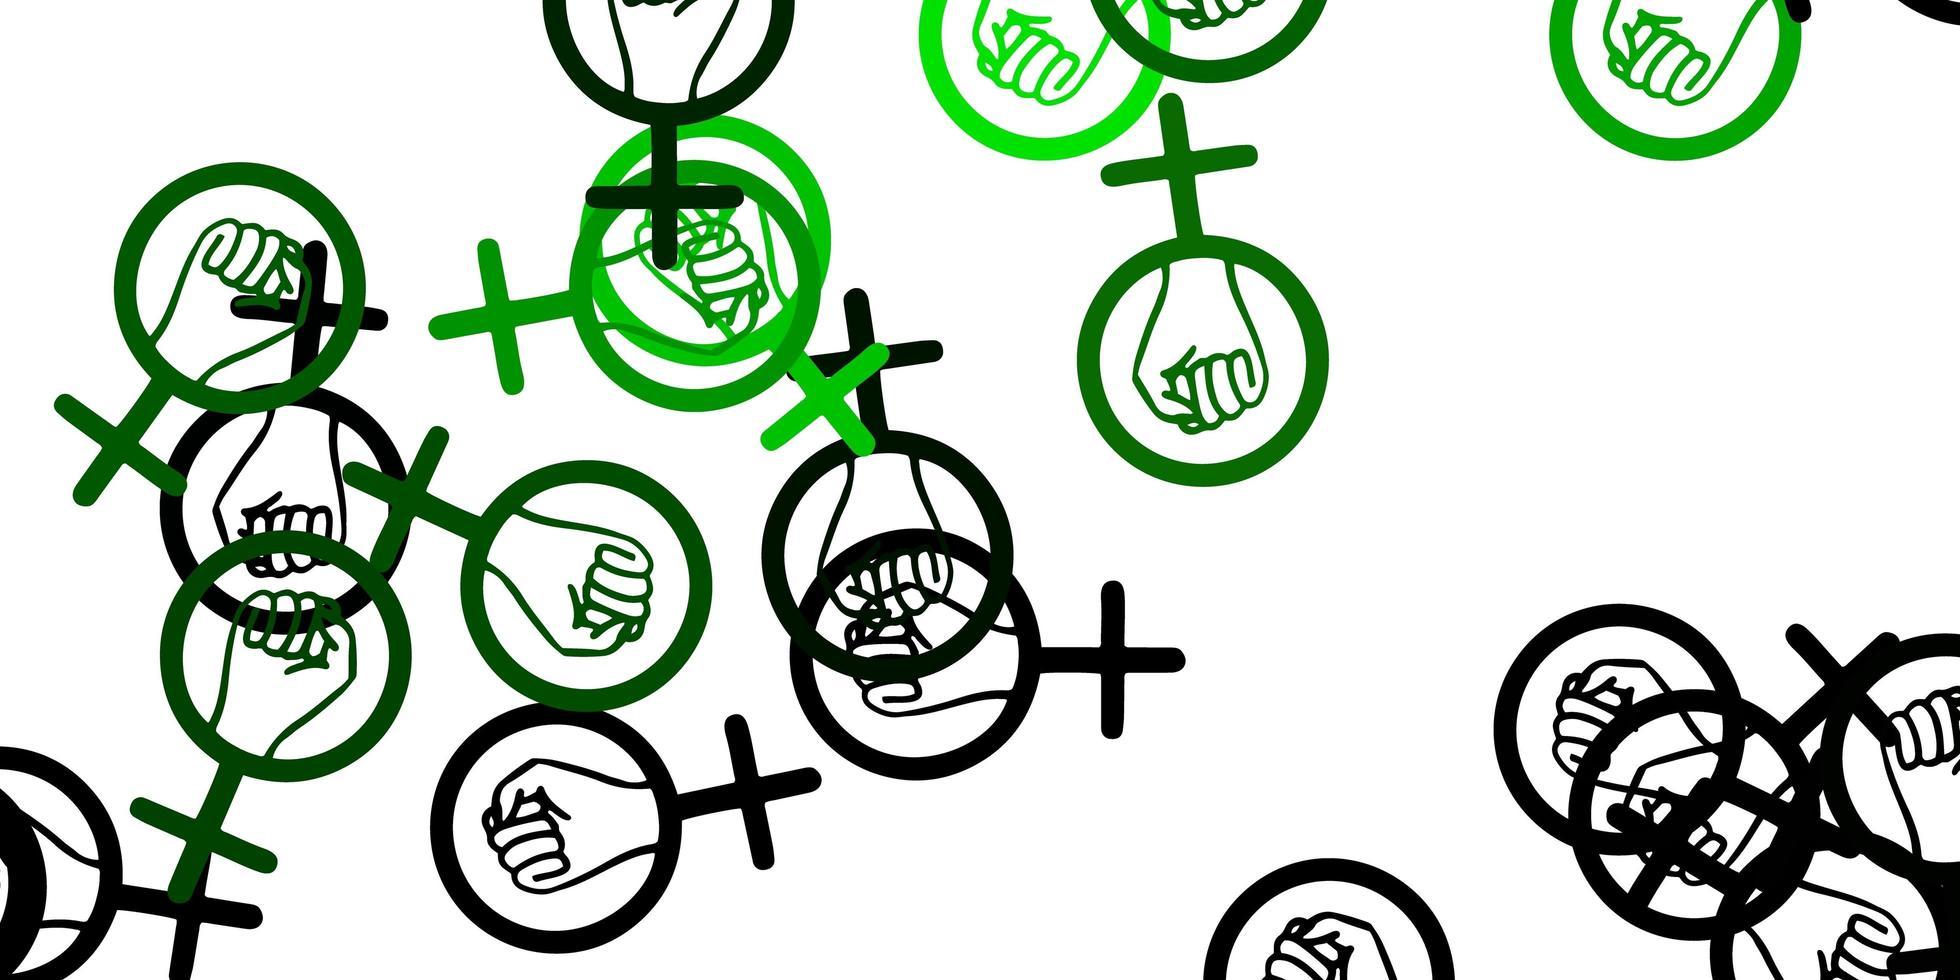 motif vert avec des éléments de féminisme. vecteur